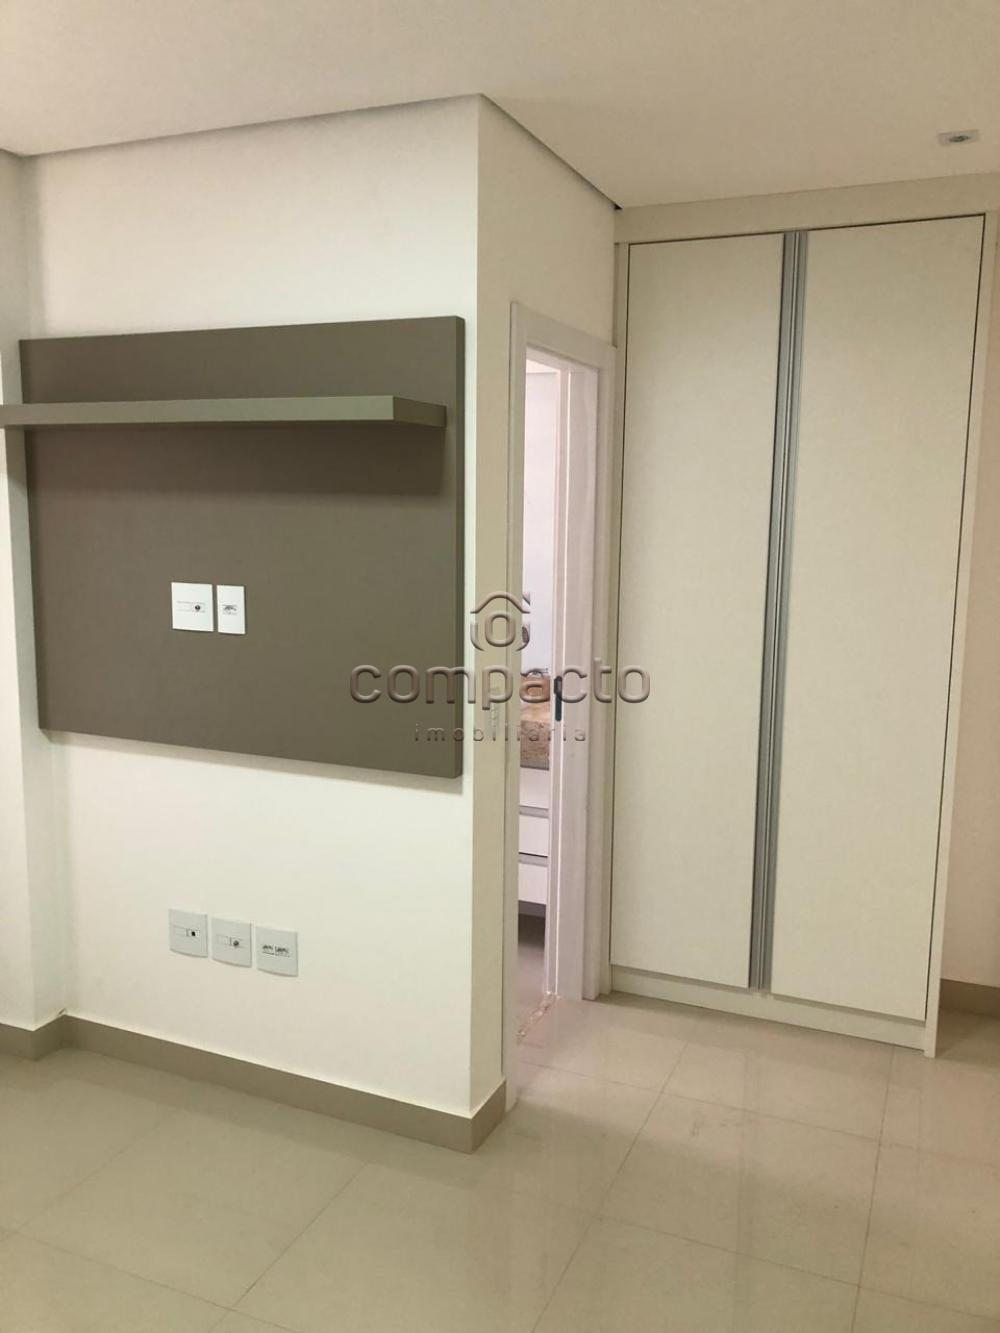 Alugar Apartamento / Padrão em São José do Rio Preto apenas R$ 3.000,00 - Foto 16